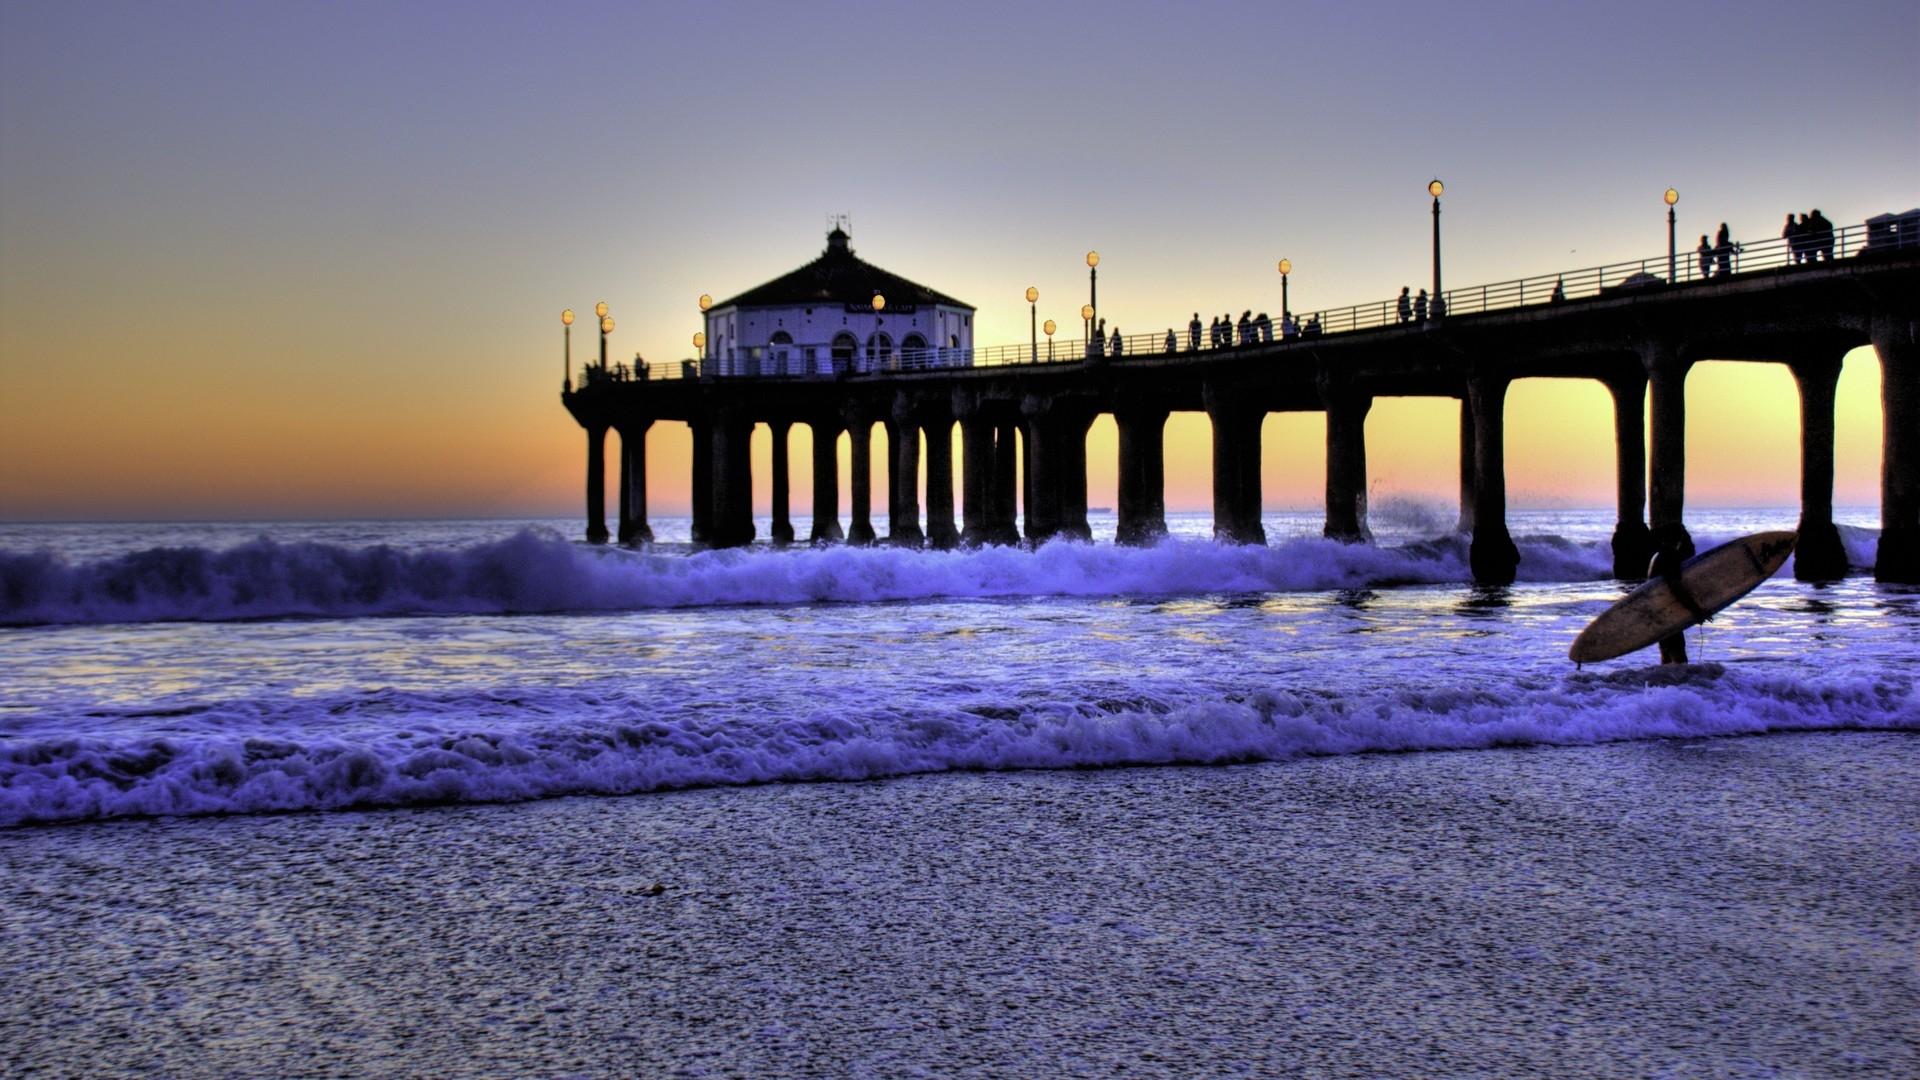 Pier In Los Angeles 1920x1080